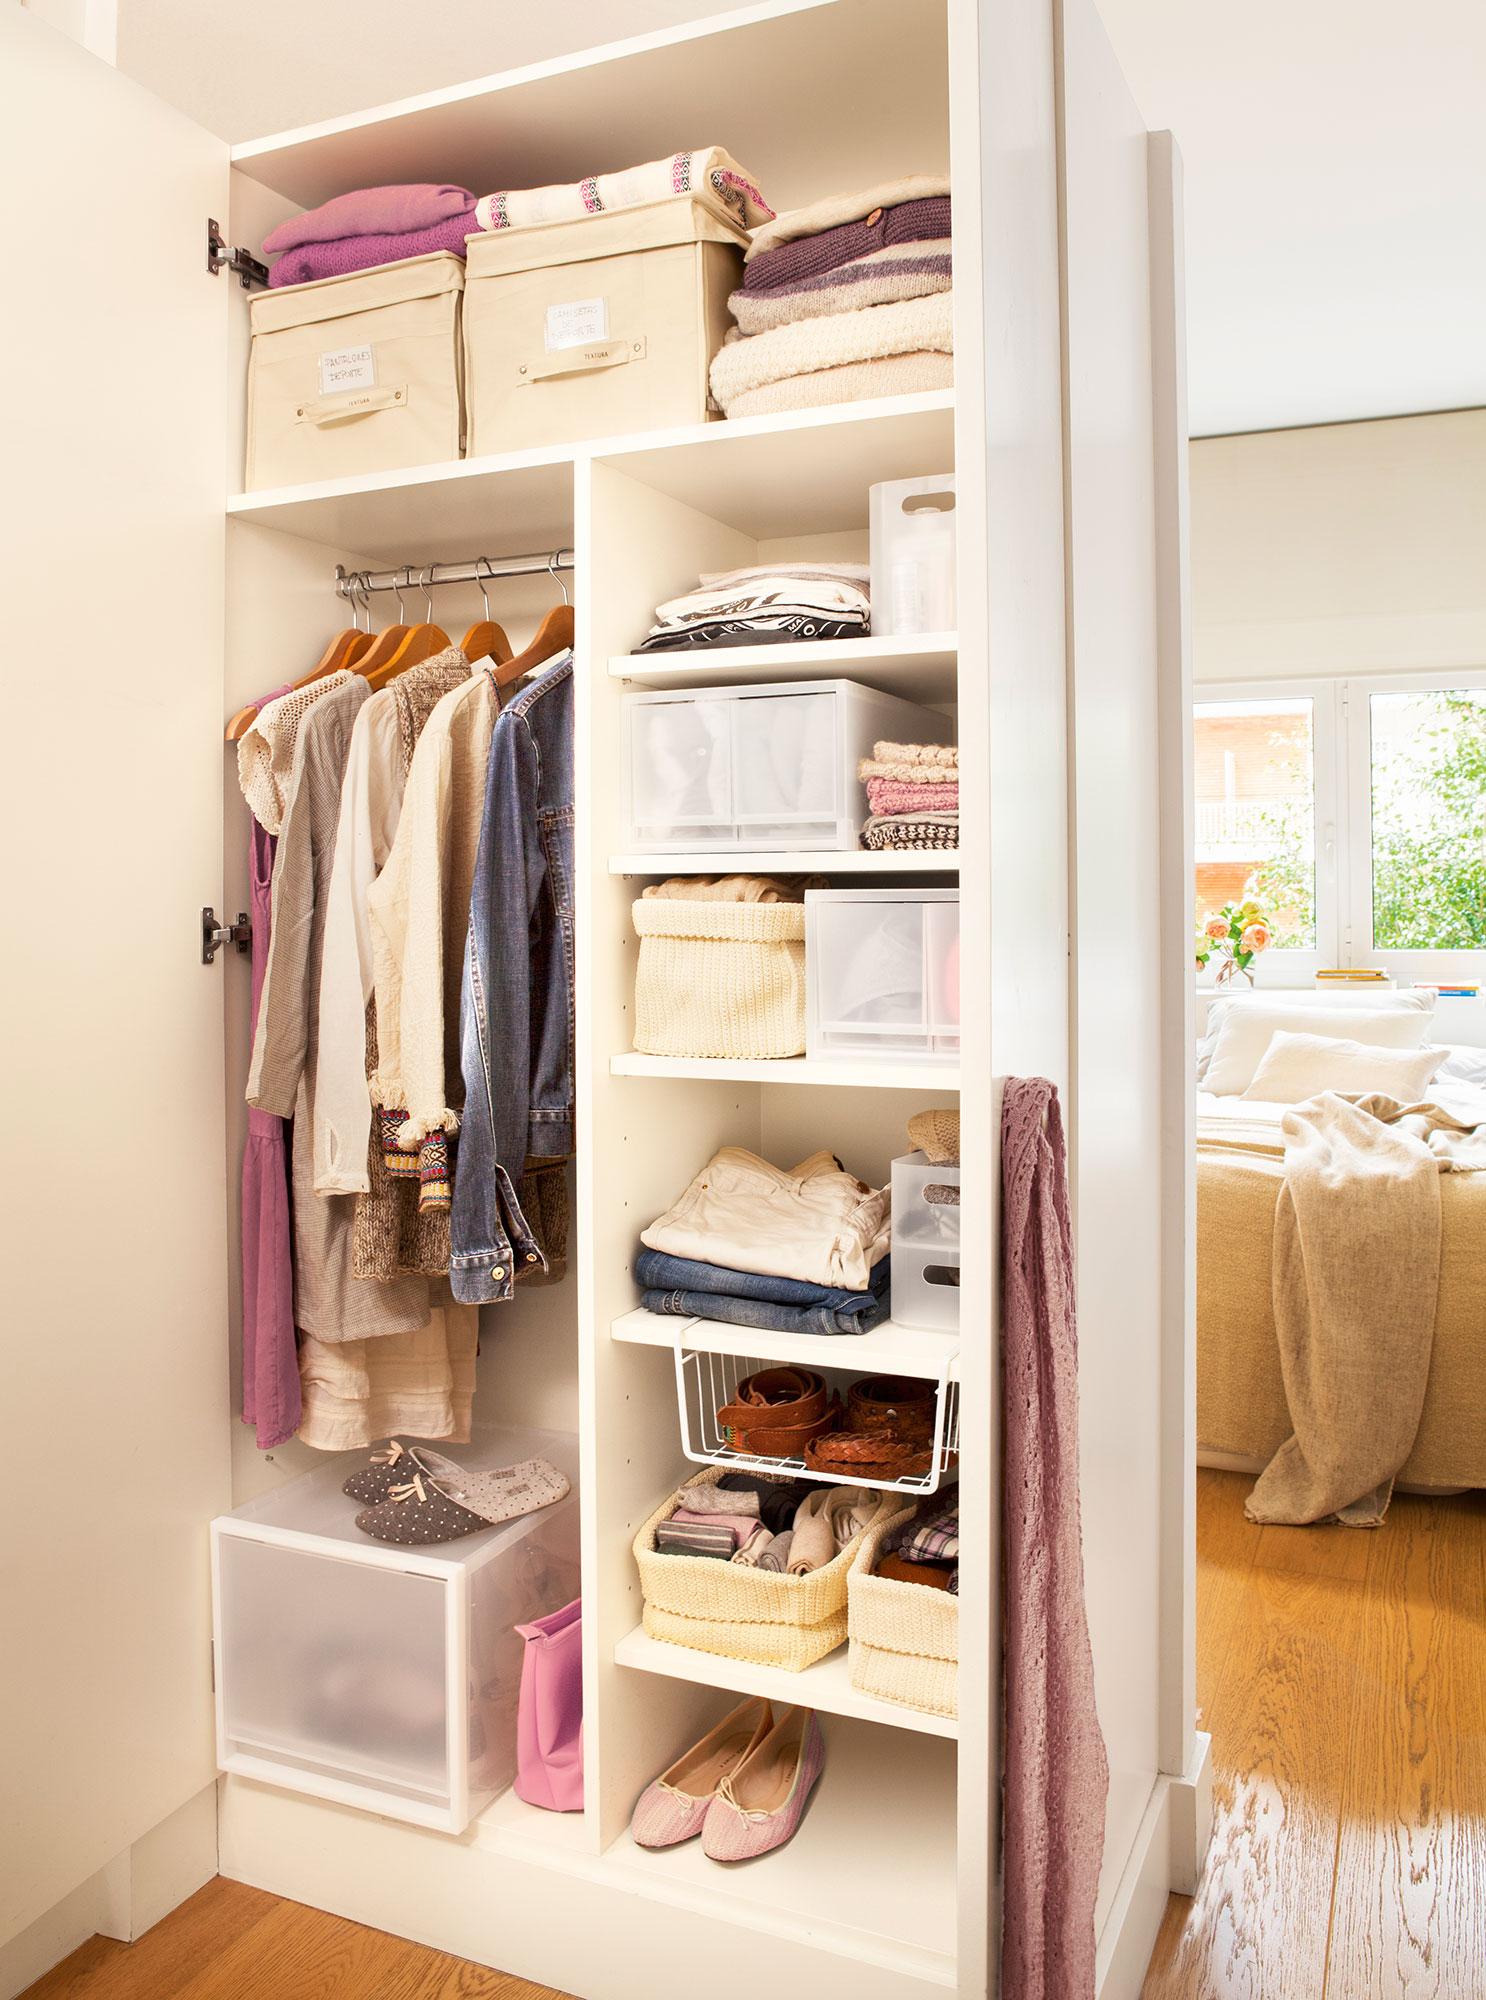 Vestidor en orden c mo organizarlo para que sea c modo para l y ella - Armarios para ropa ...